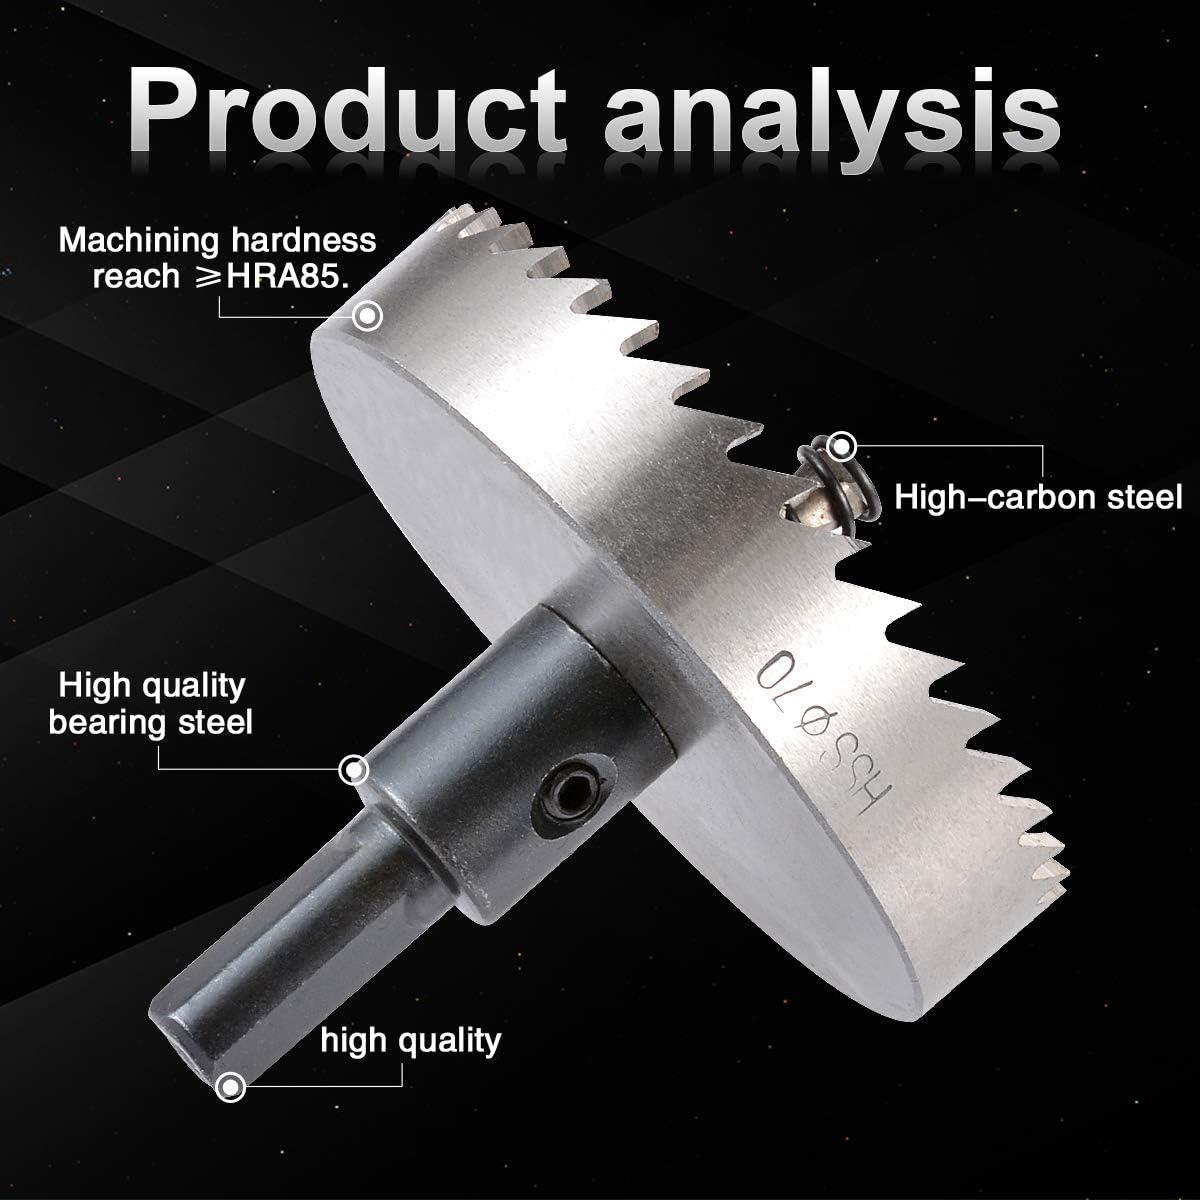 herramienta de corte de abridor de cobalto para madera aleaci/ón 55 mm cortador de metal de acero inoxidable Kit de dientes de sierra de agujero de broca HSS KATUR de 55 mm